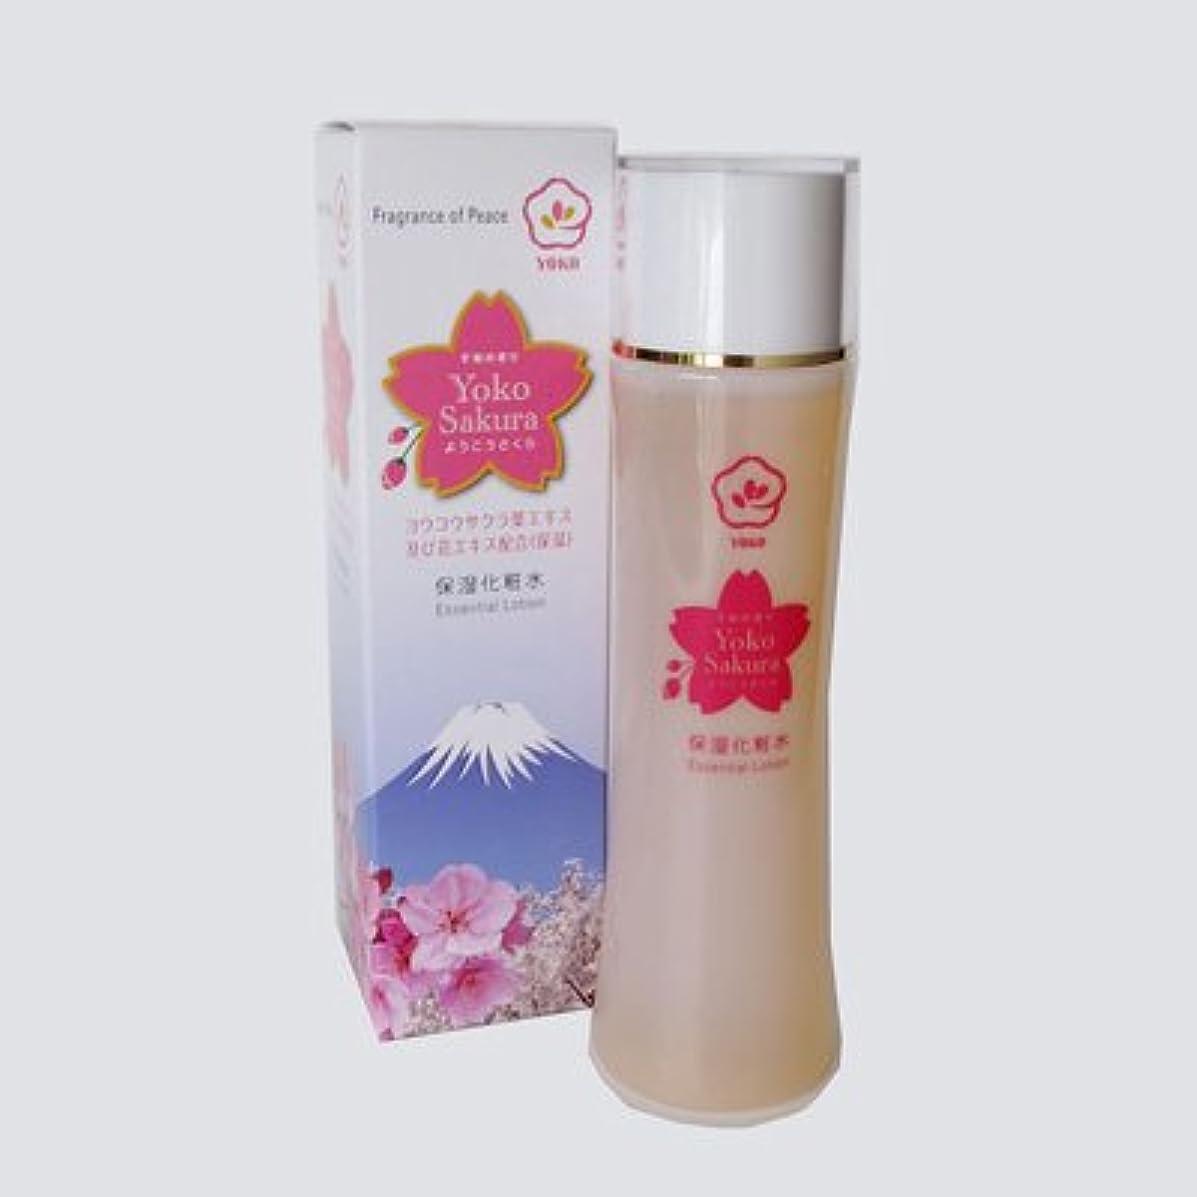 メドレー気分が良い鯨陽光ローション(保湿化粧水) 陽光桜のエキス配合の保湿化粧水。敏感肌の方にもどうぞ